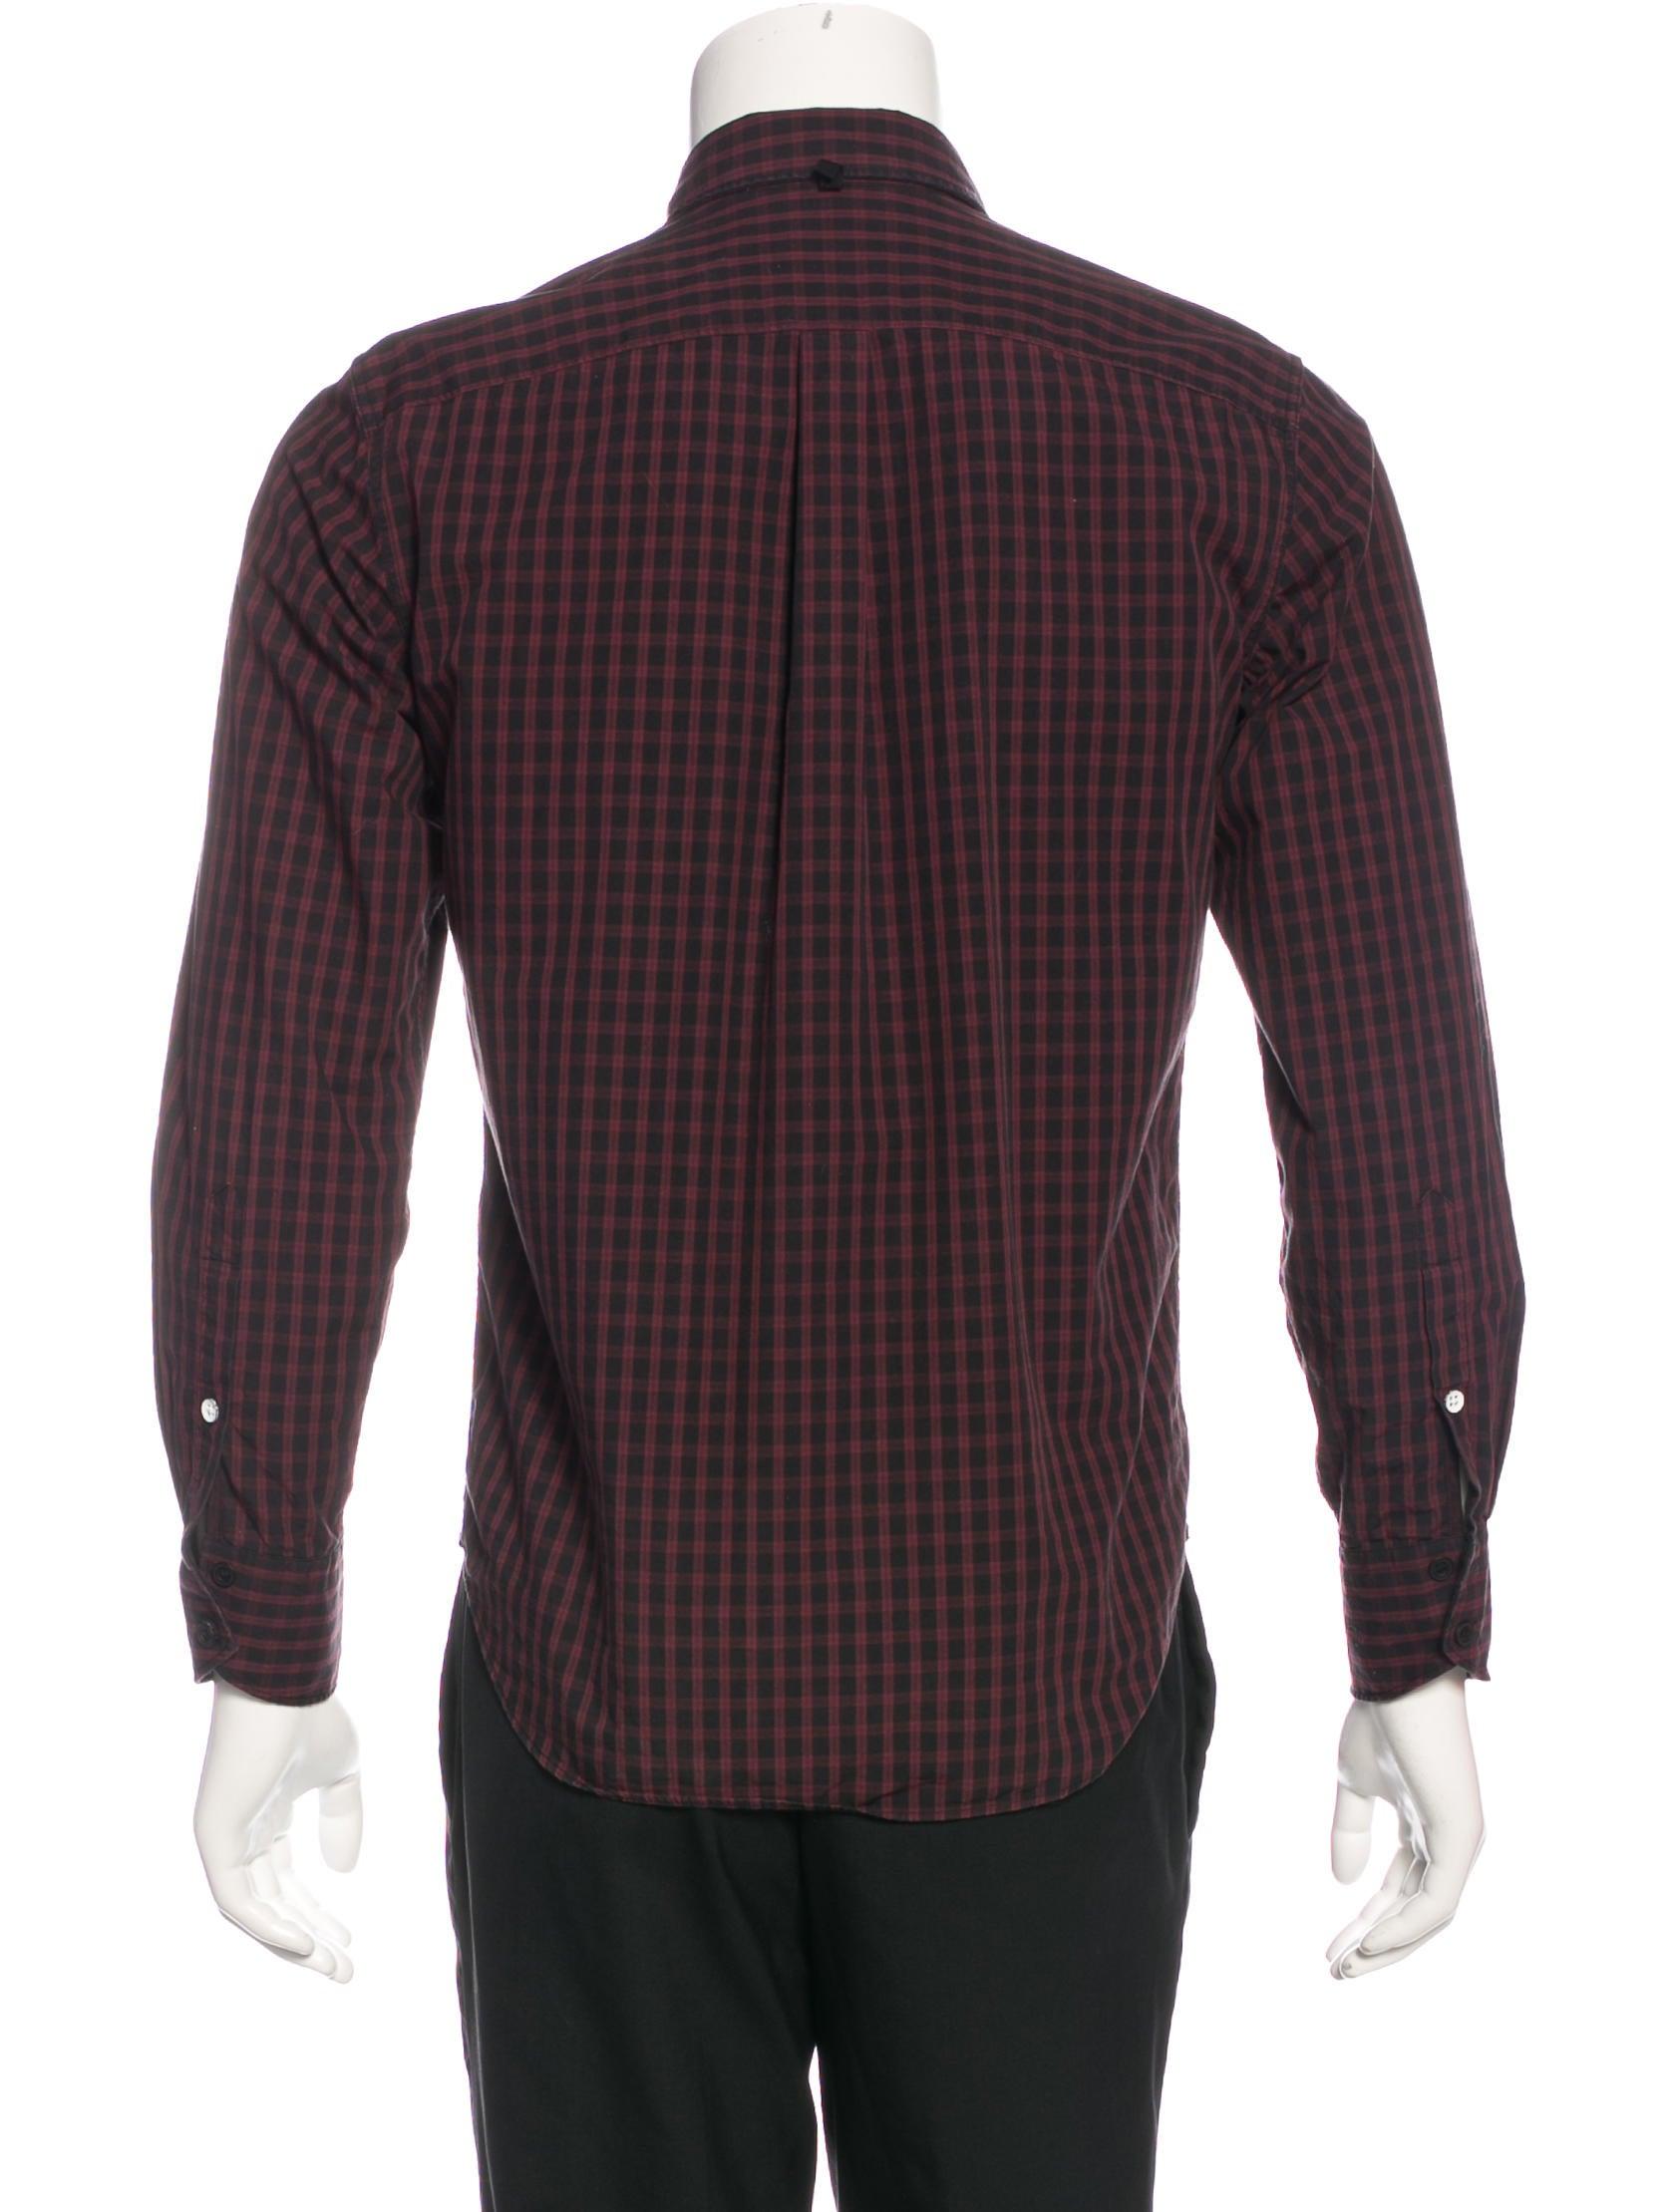 Rag Bone Plaid Slim Fit Shirt Clothing Wragb72389